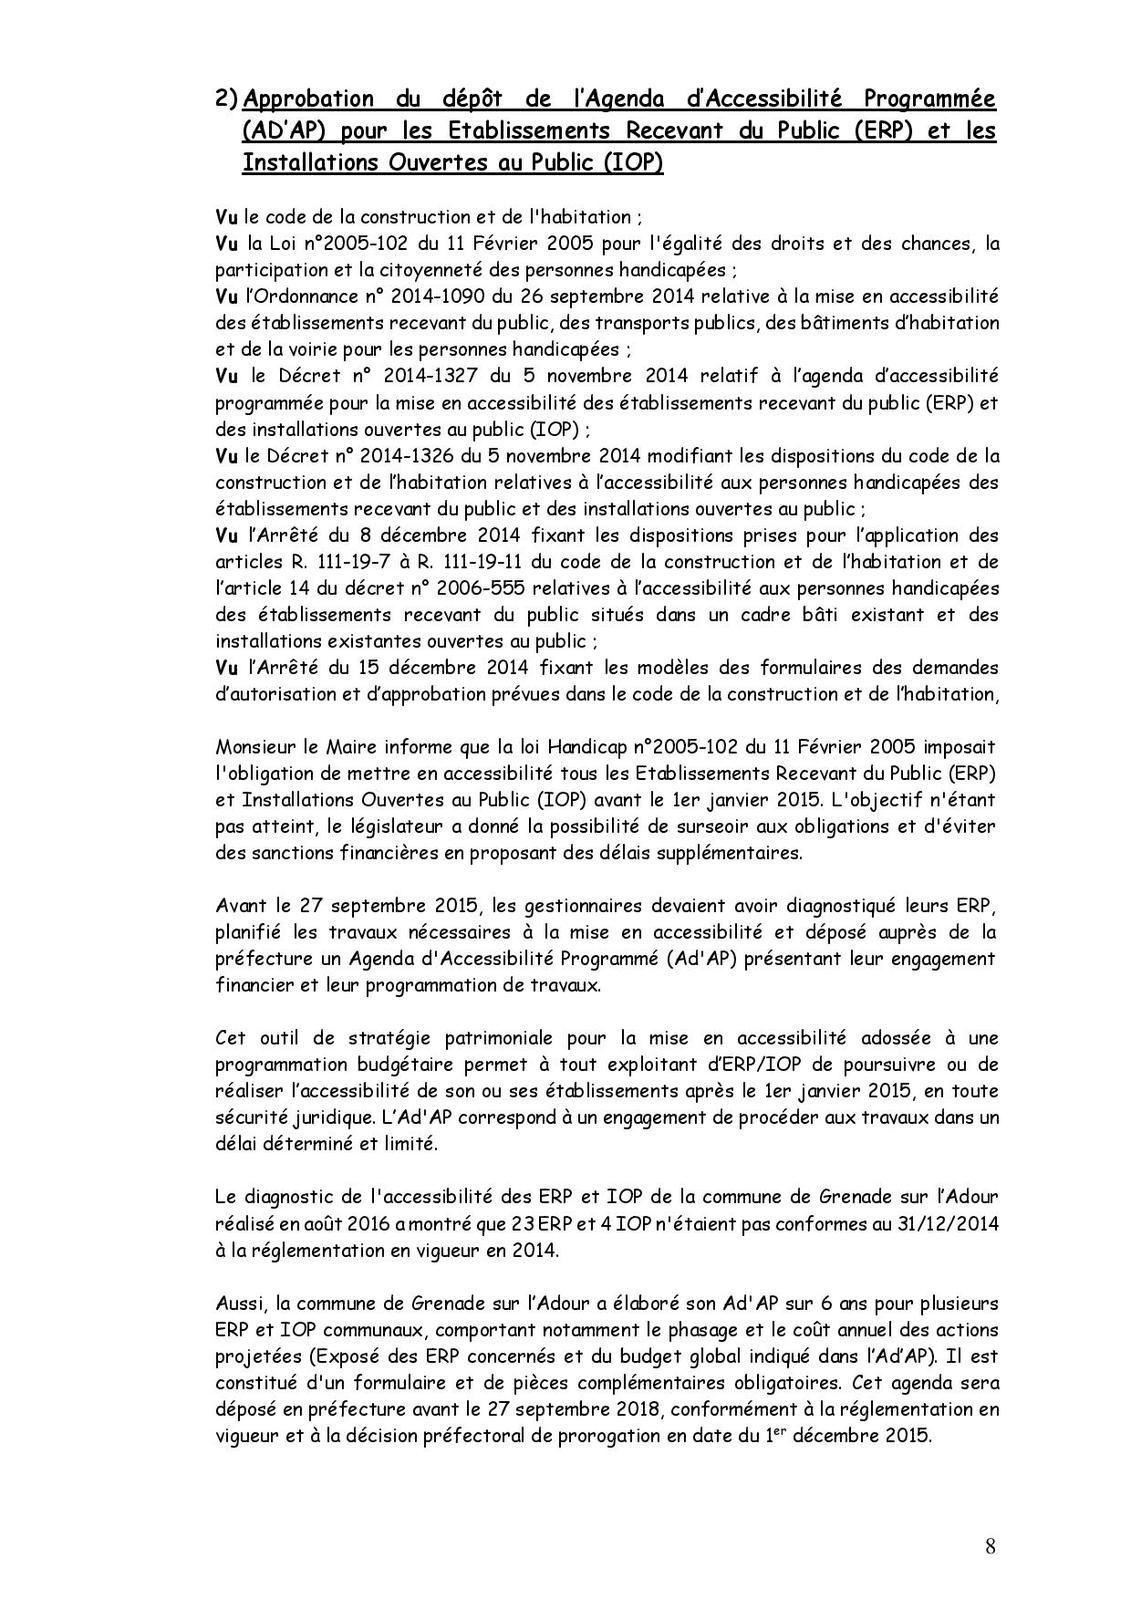 PV de la réunion du Conseil Municipal du 24 janvier 2017